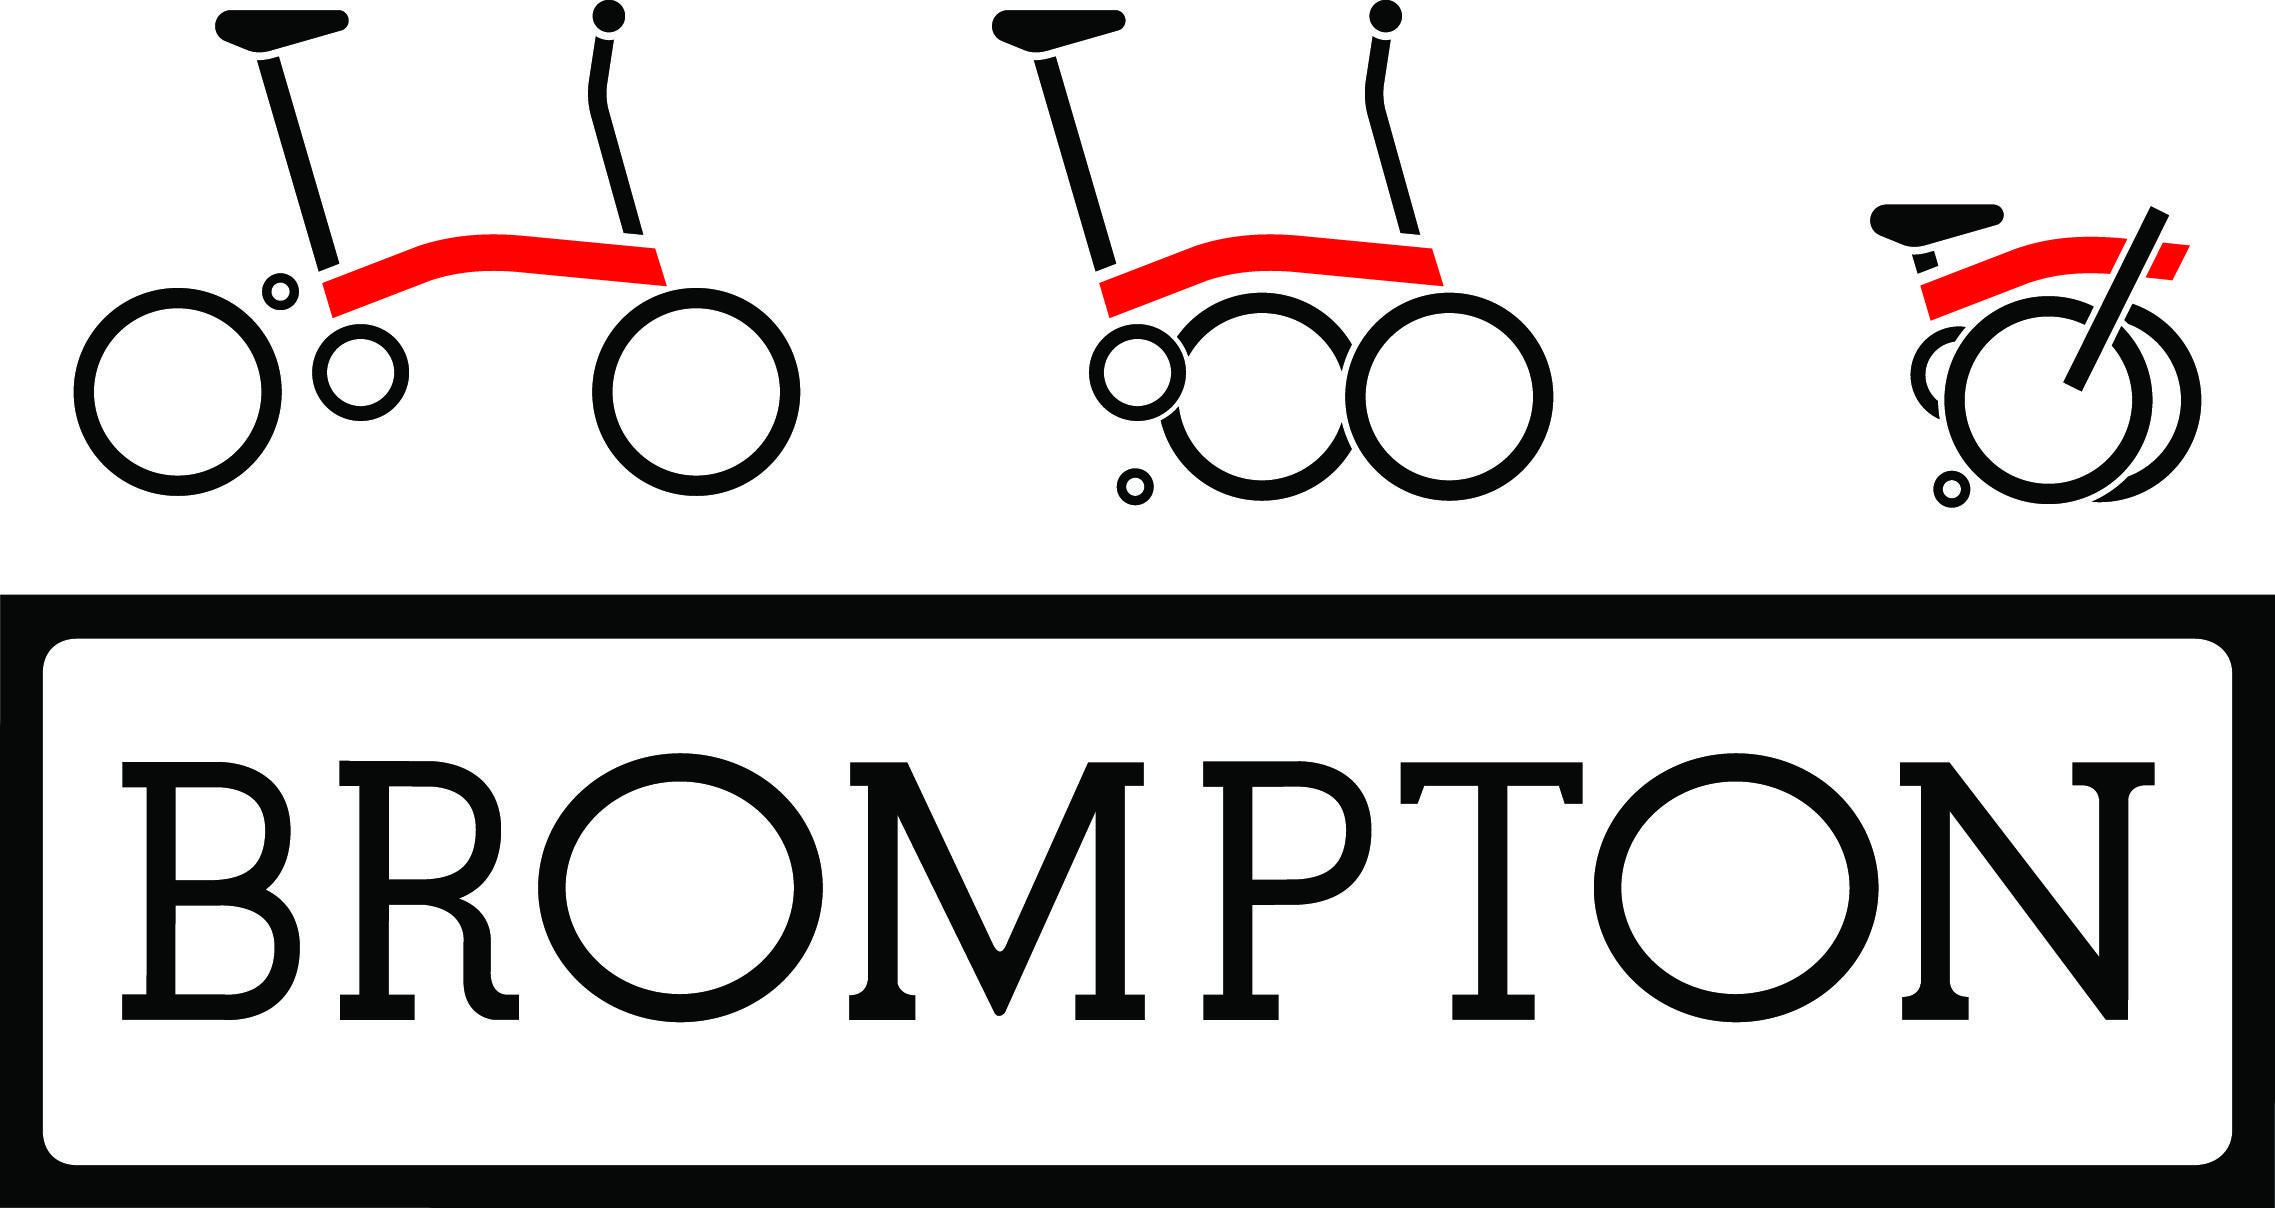 「brompton ロゴ」の画像検索結果